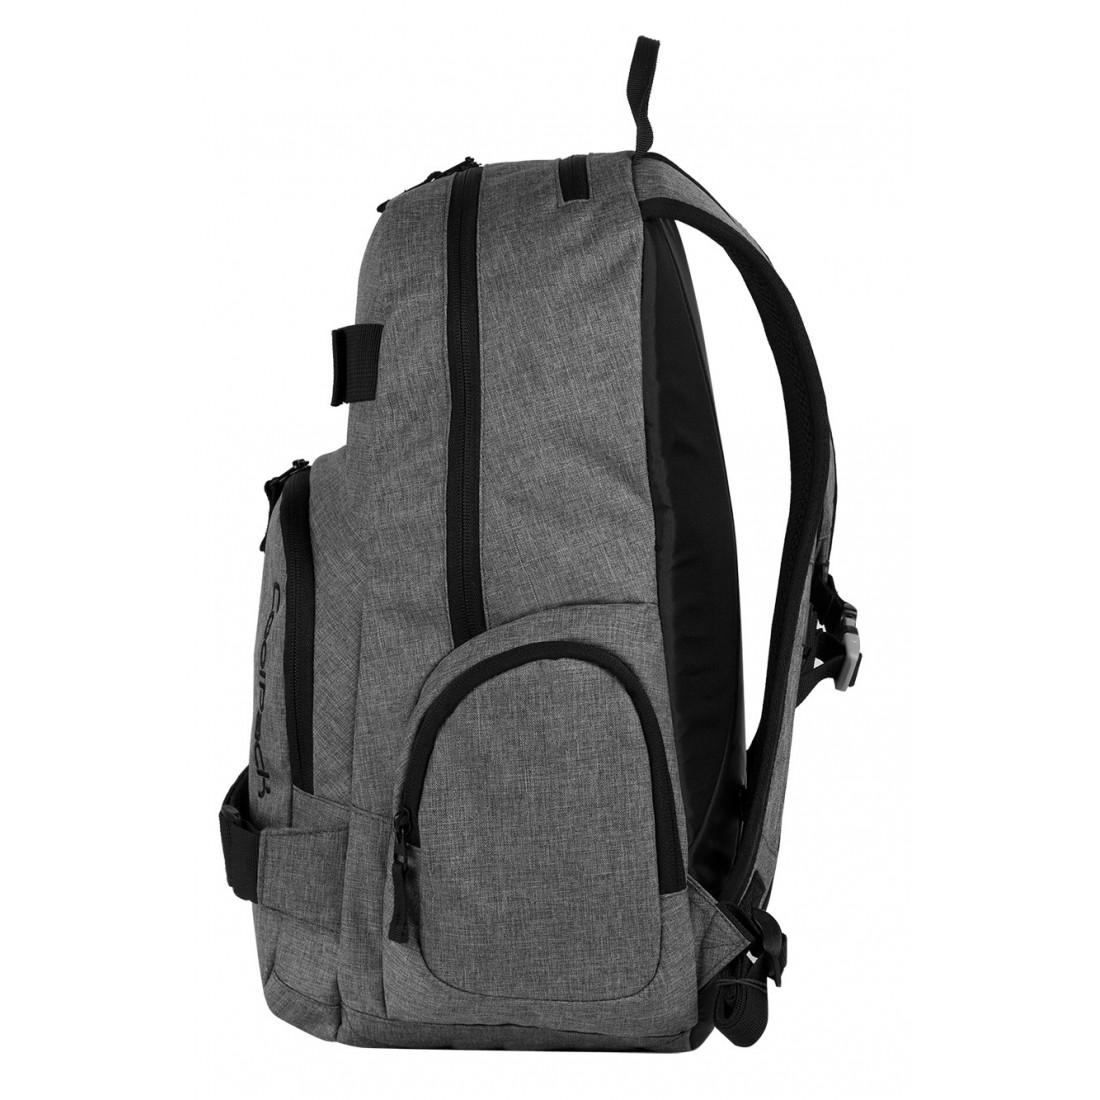 Plecak młodzieżowy na laptop CoolPack CP szary EXTREME SNOW GREY 592 - plecak-tornister.pl